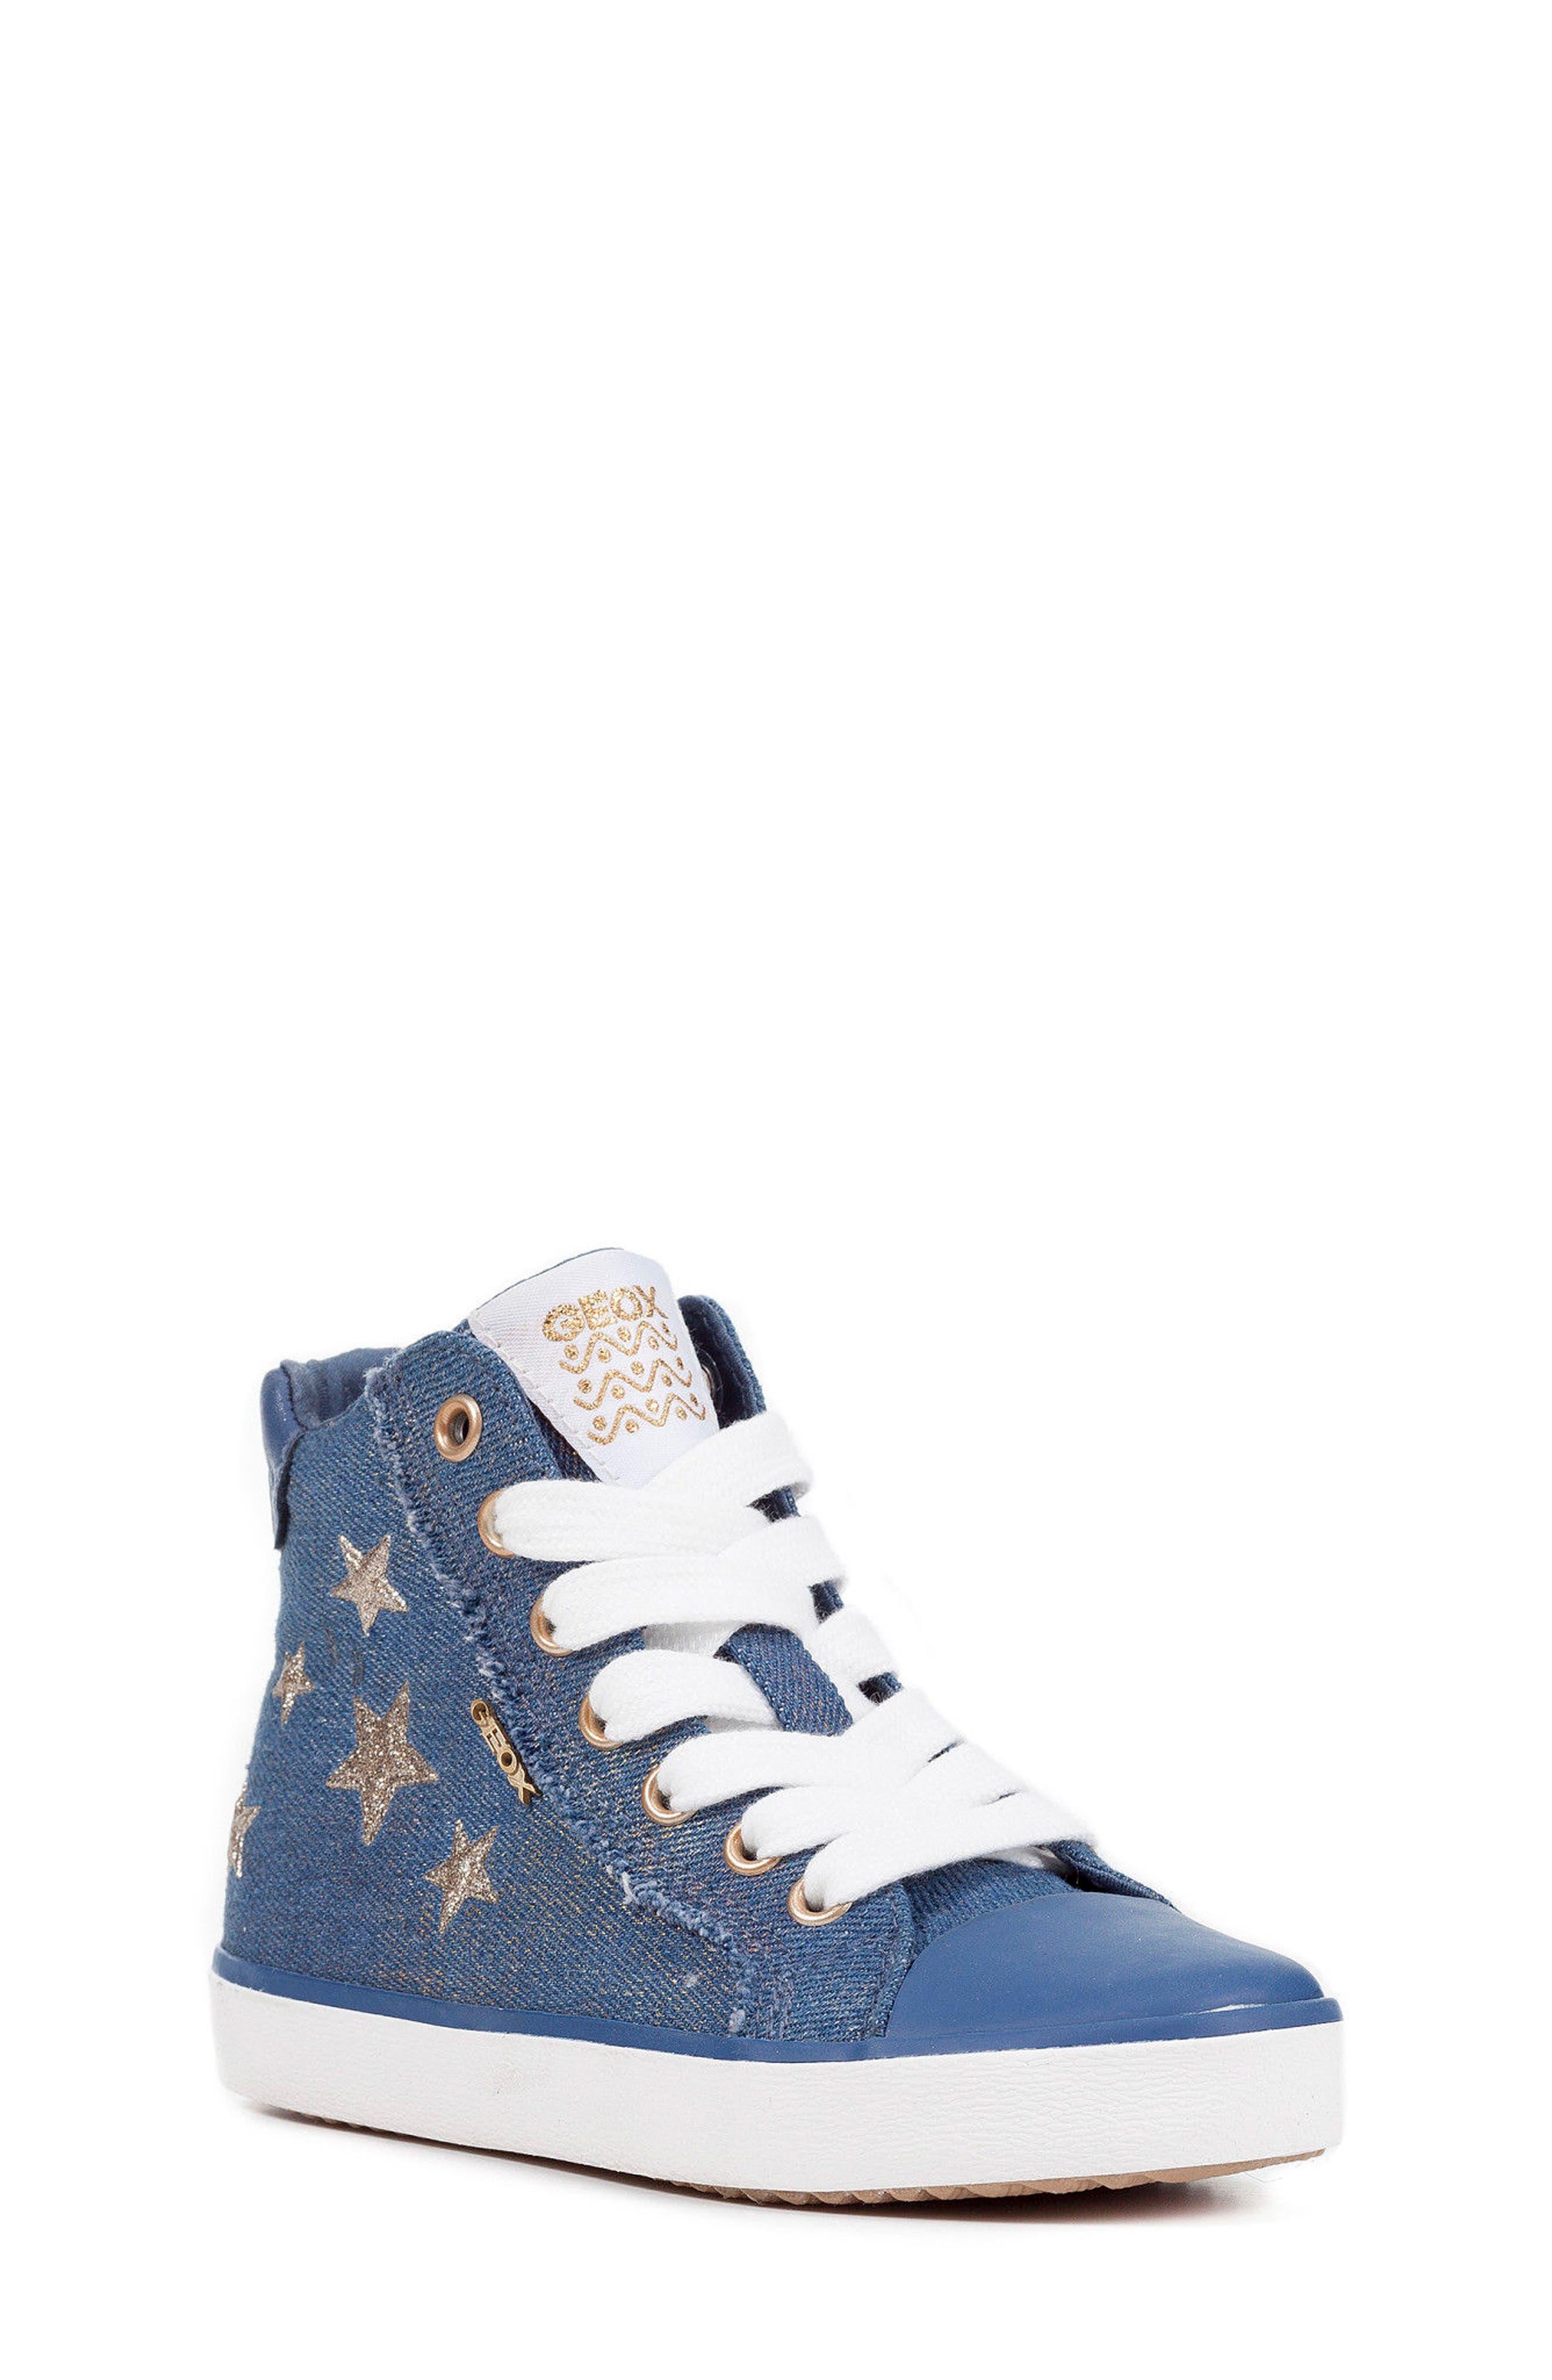 Kilwi High Top Zip Sneaker,                             Main thumbnail 1, color,                             Avio